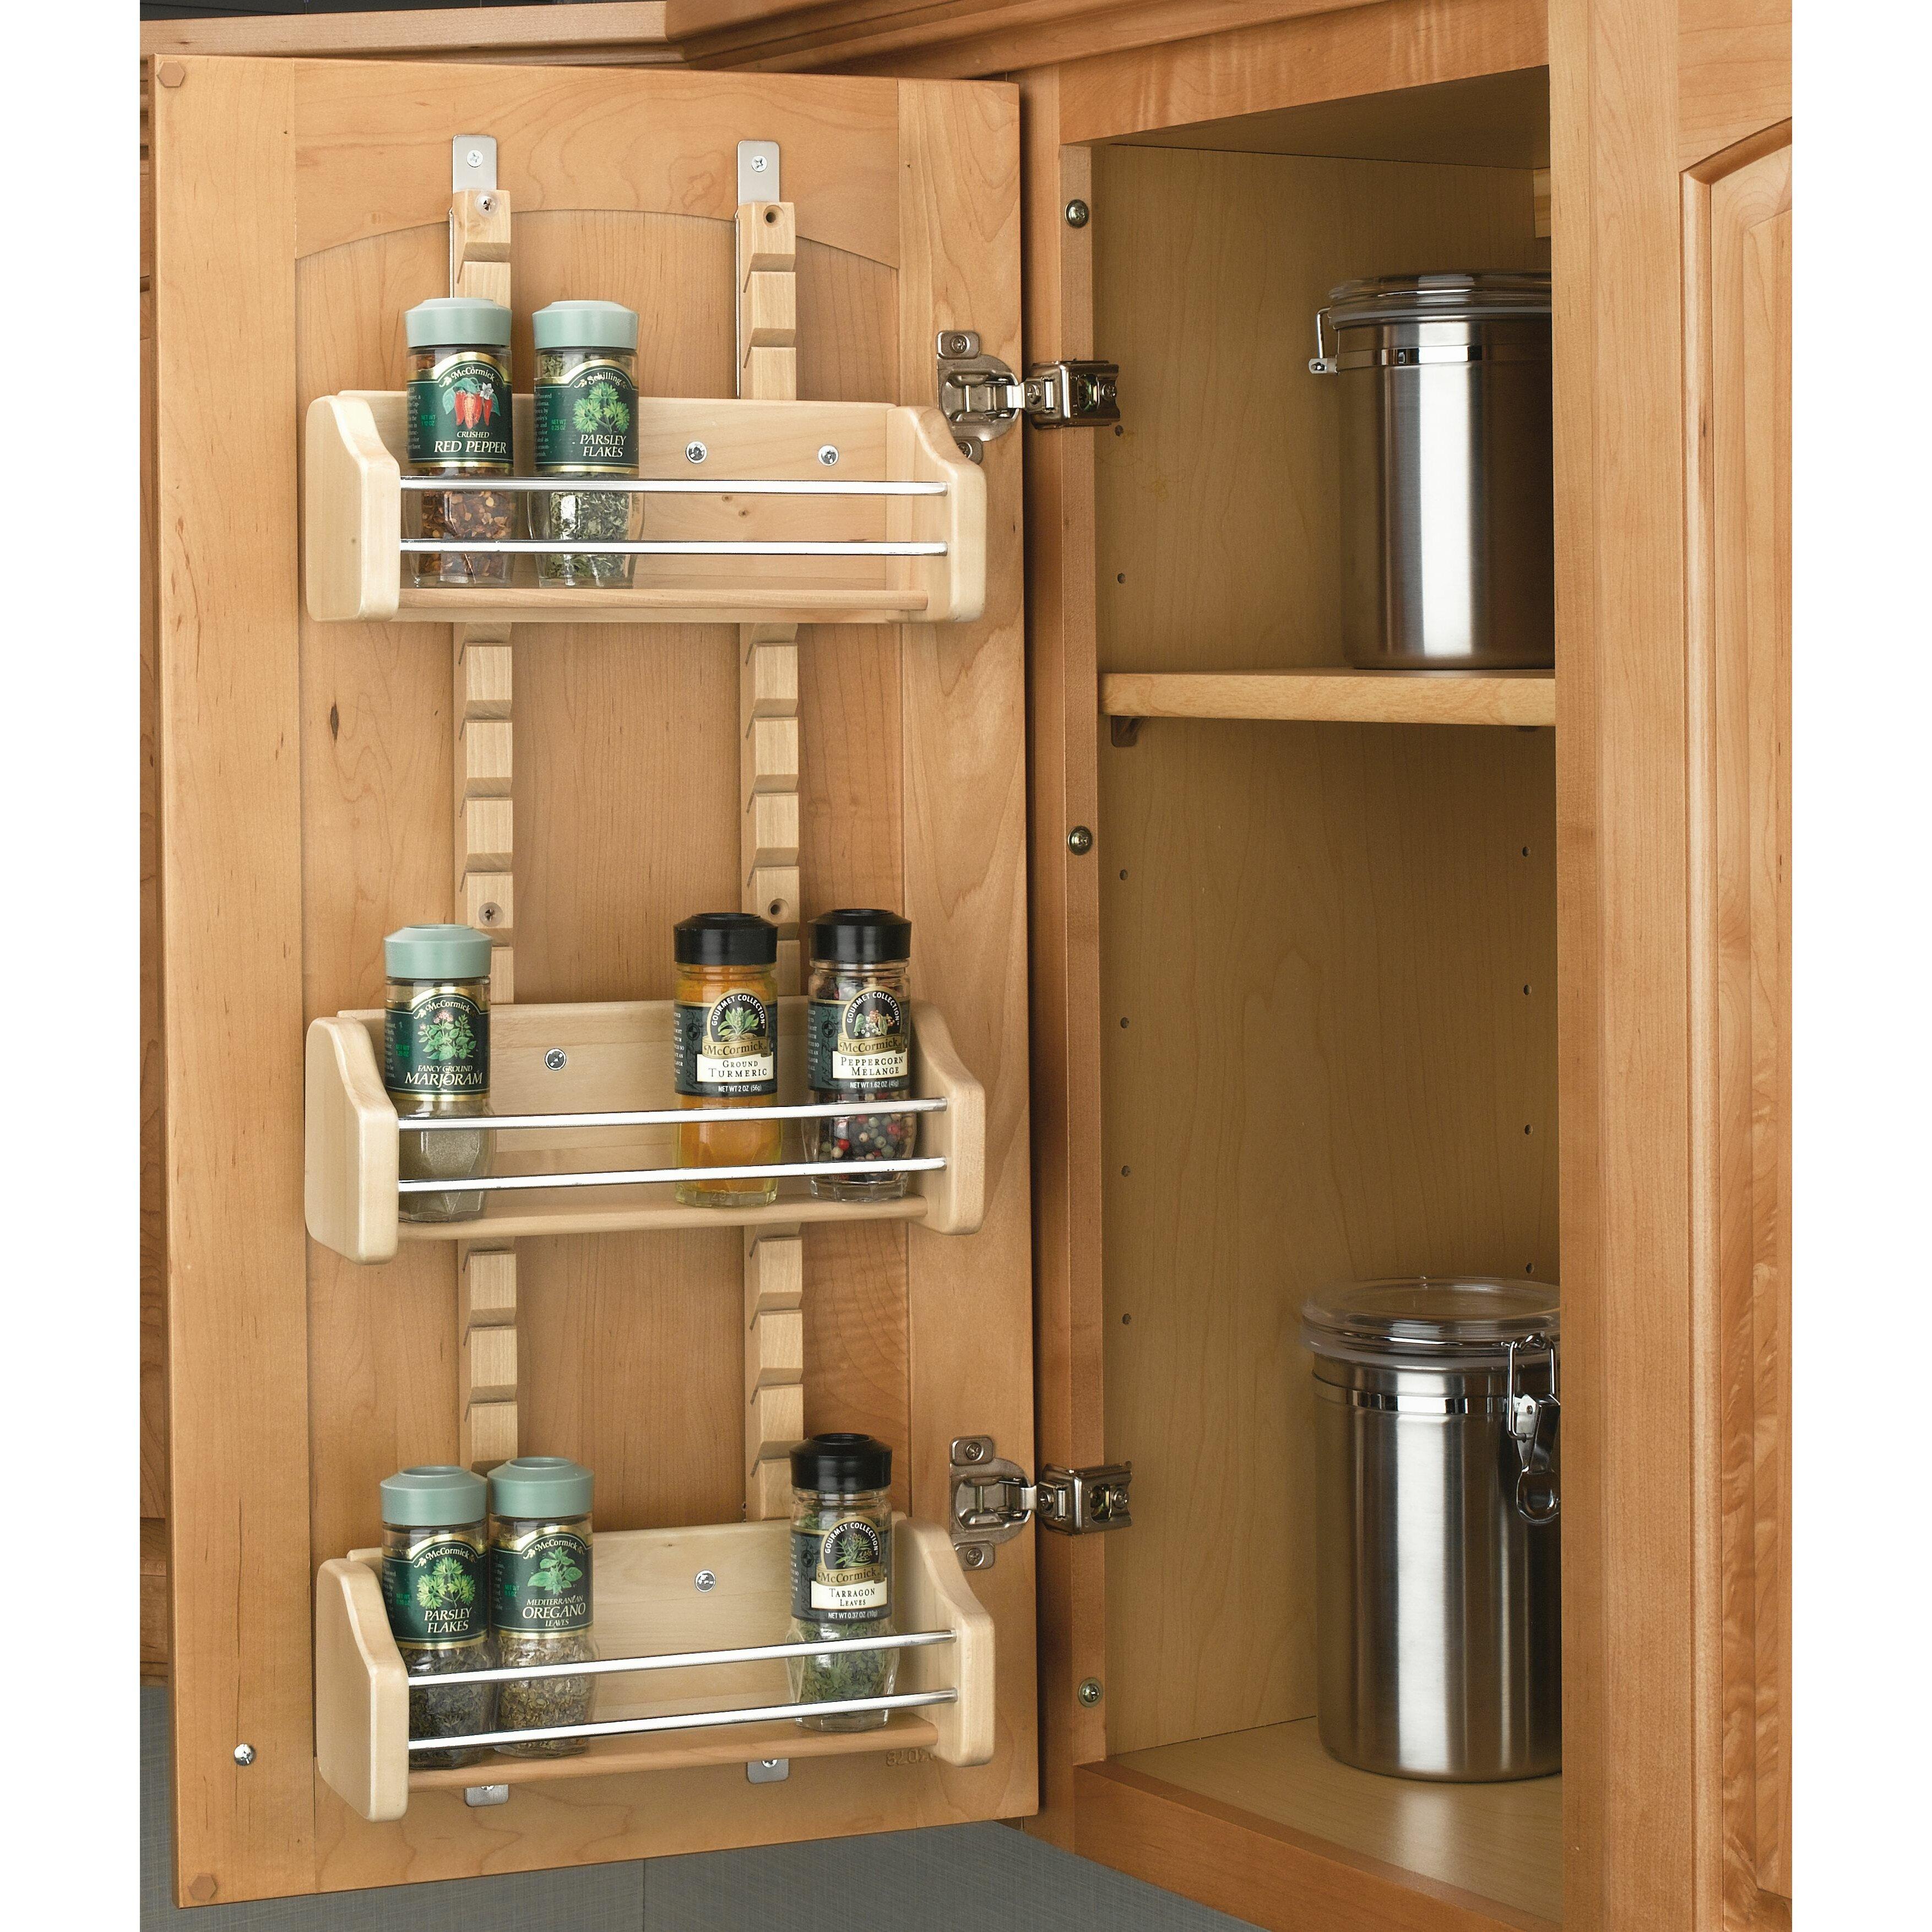 rev a shelf adjustable door mount spice rack reviews. Black Bedroom Furniture Sets. Home Design Ideas